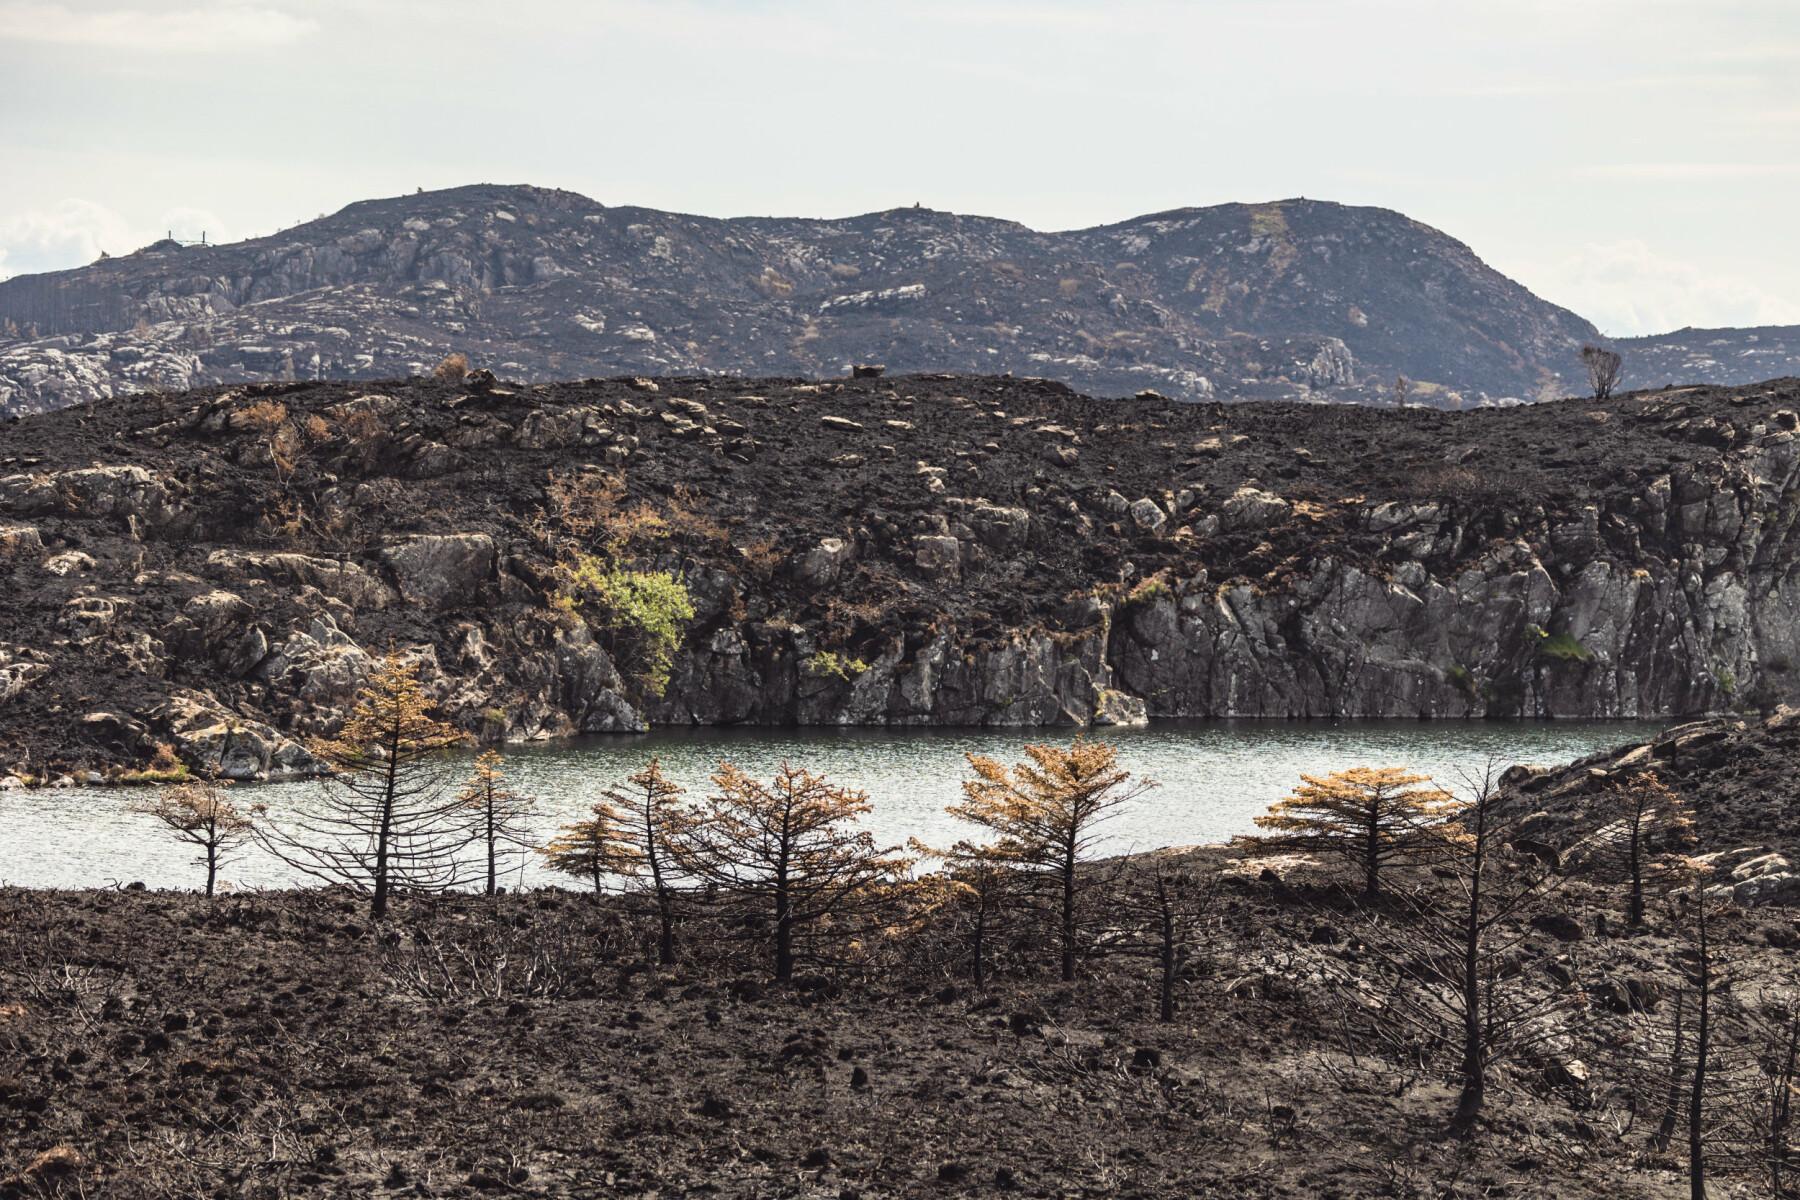 ØDE: Brannen la store områder øde bak seg før den ble stoppet.